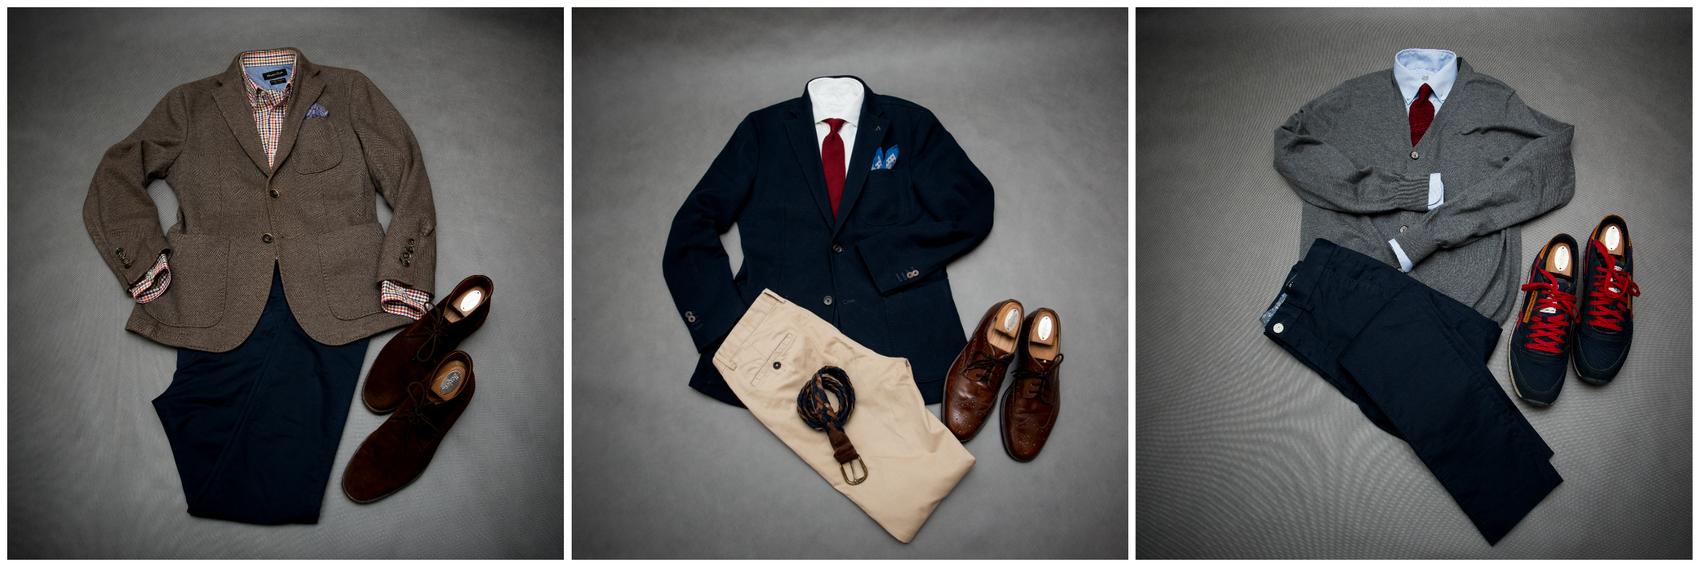 dba583cd30471 Jak się ubrać na uczelnię? (20 rzeczy, 12 zestawów) | Dandycore